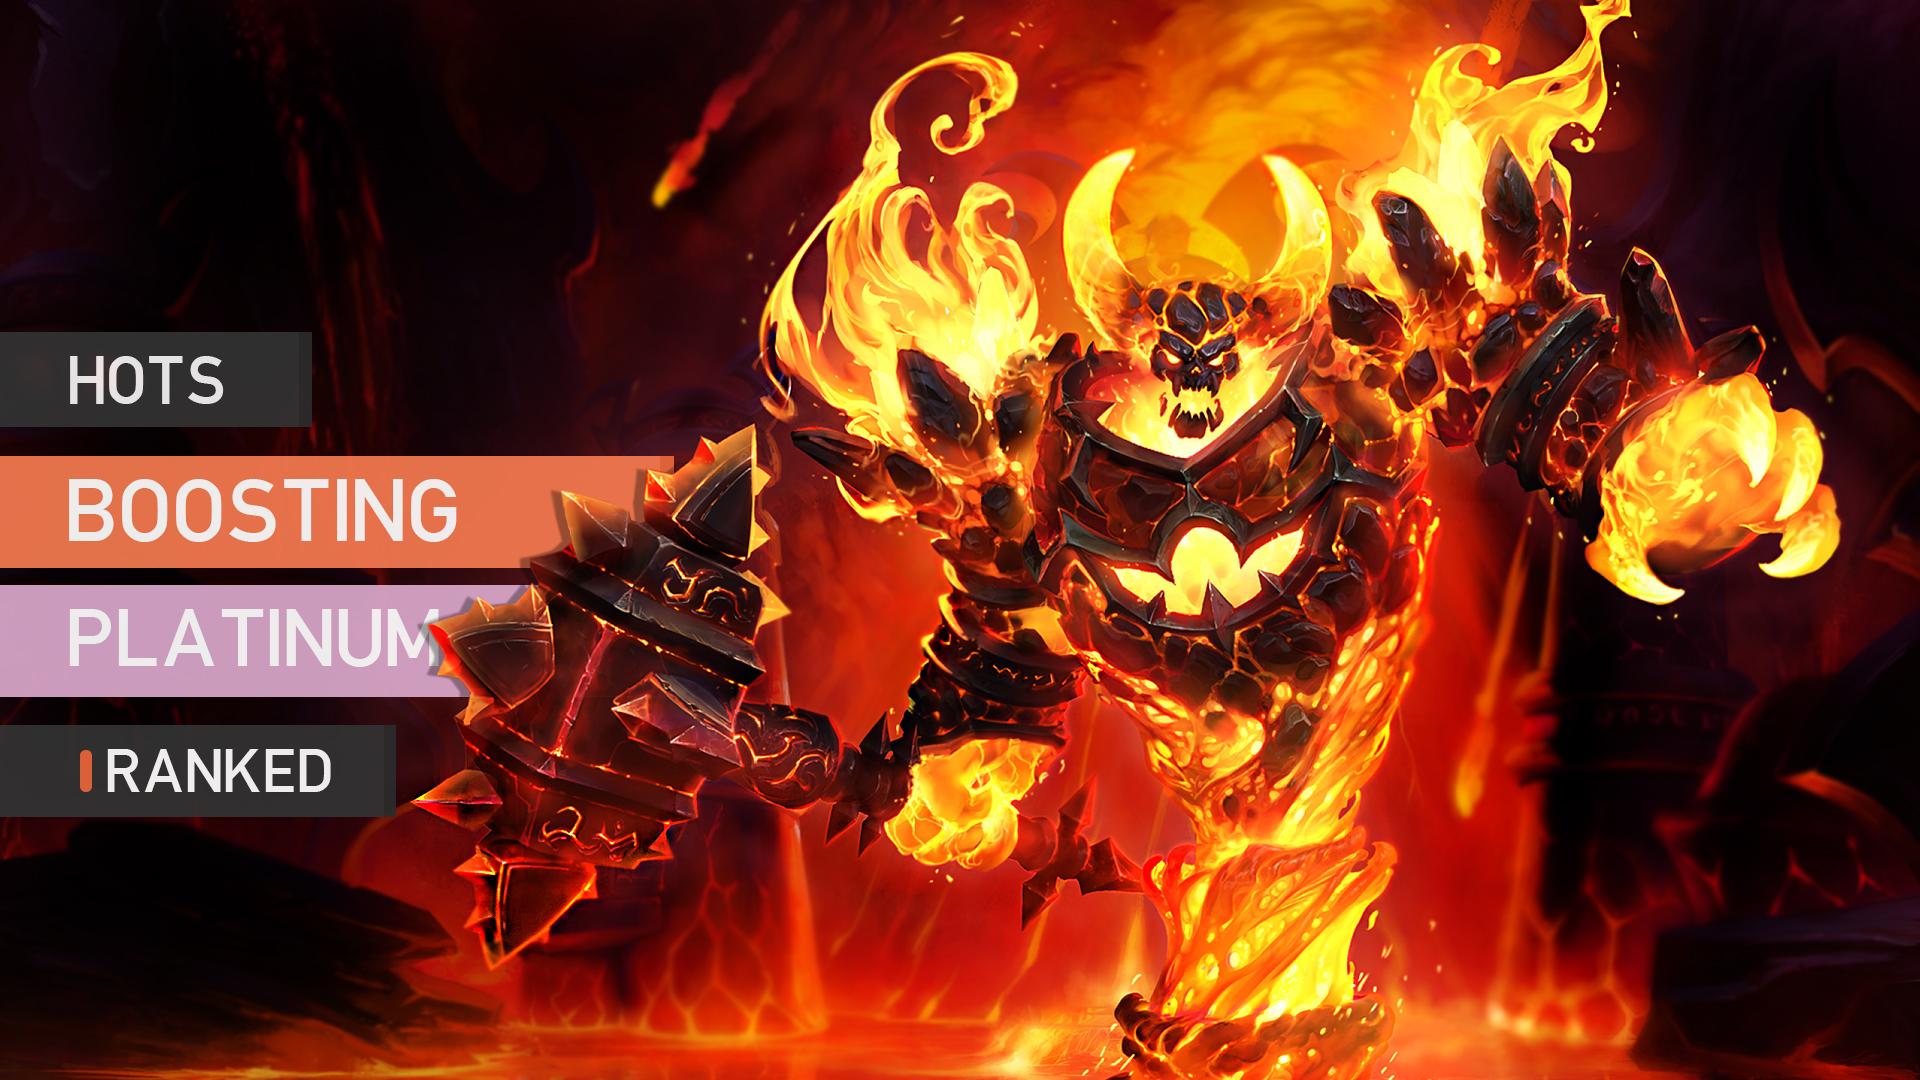 Heroes of the Storm: Rank boosting - Platinum GBD - e2p.com